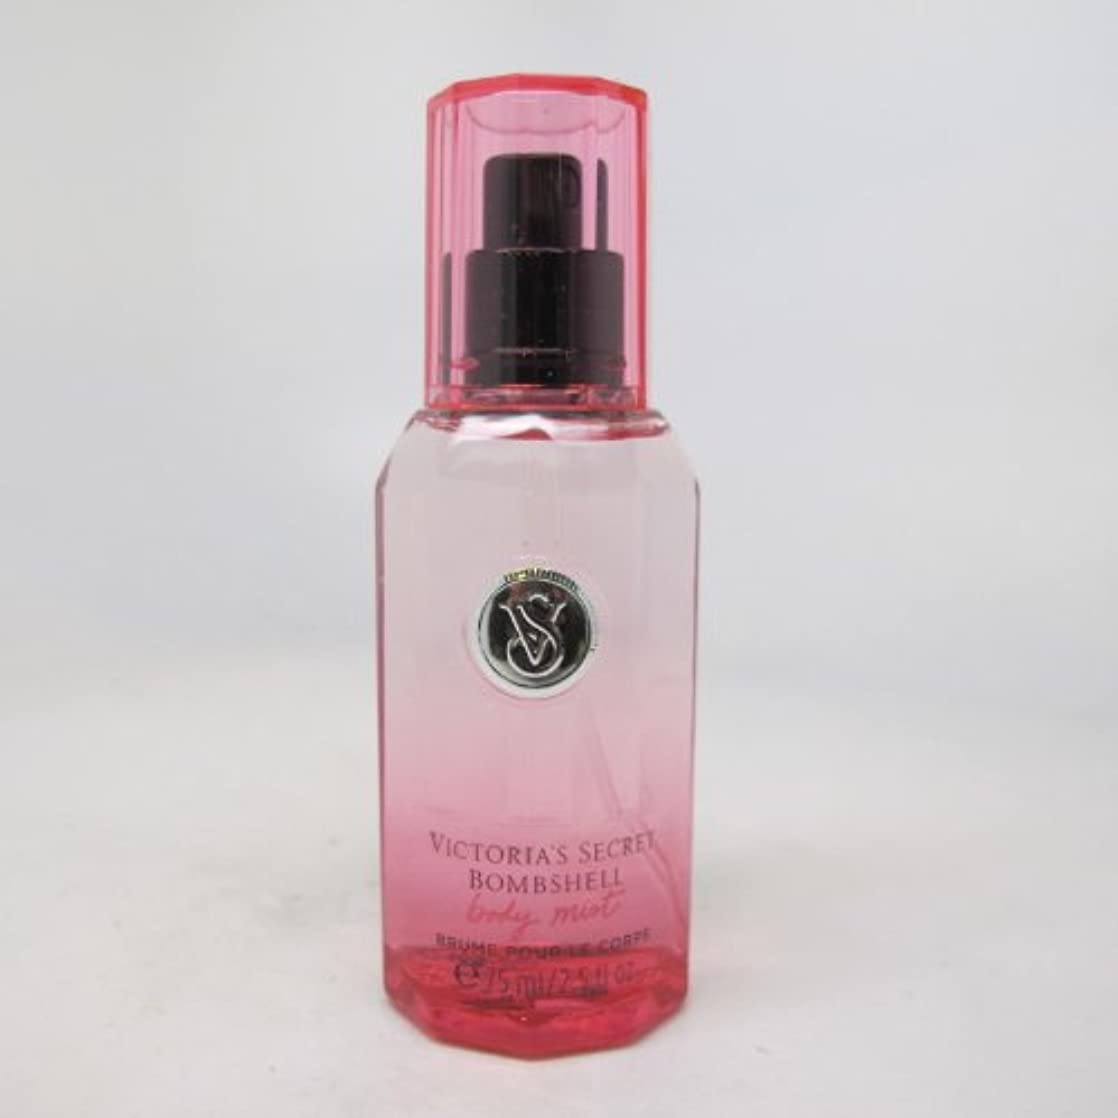 マーチャンダイジングお尻ロンドンBombshell (ボム シェル) 2.5 oz (75ml) Body Mist by Victoria Secret for Women[海外直送品]